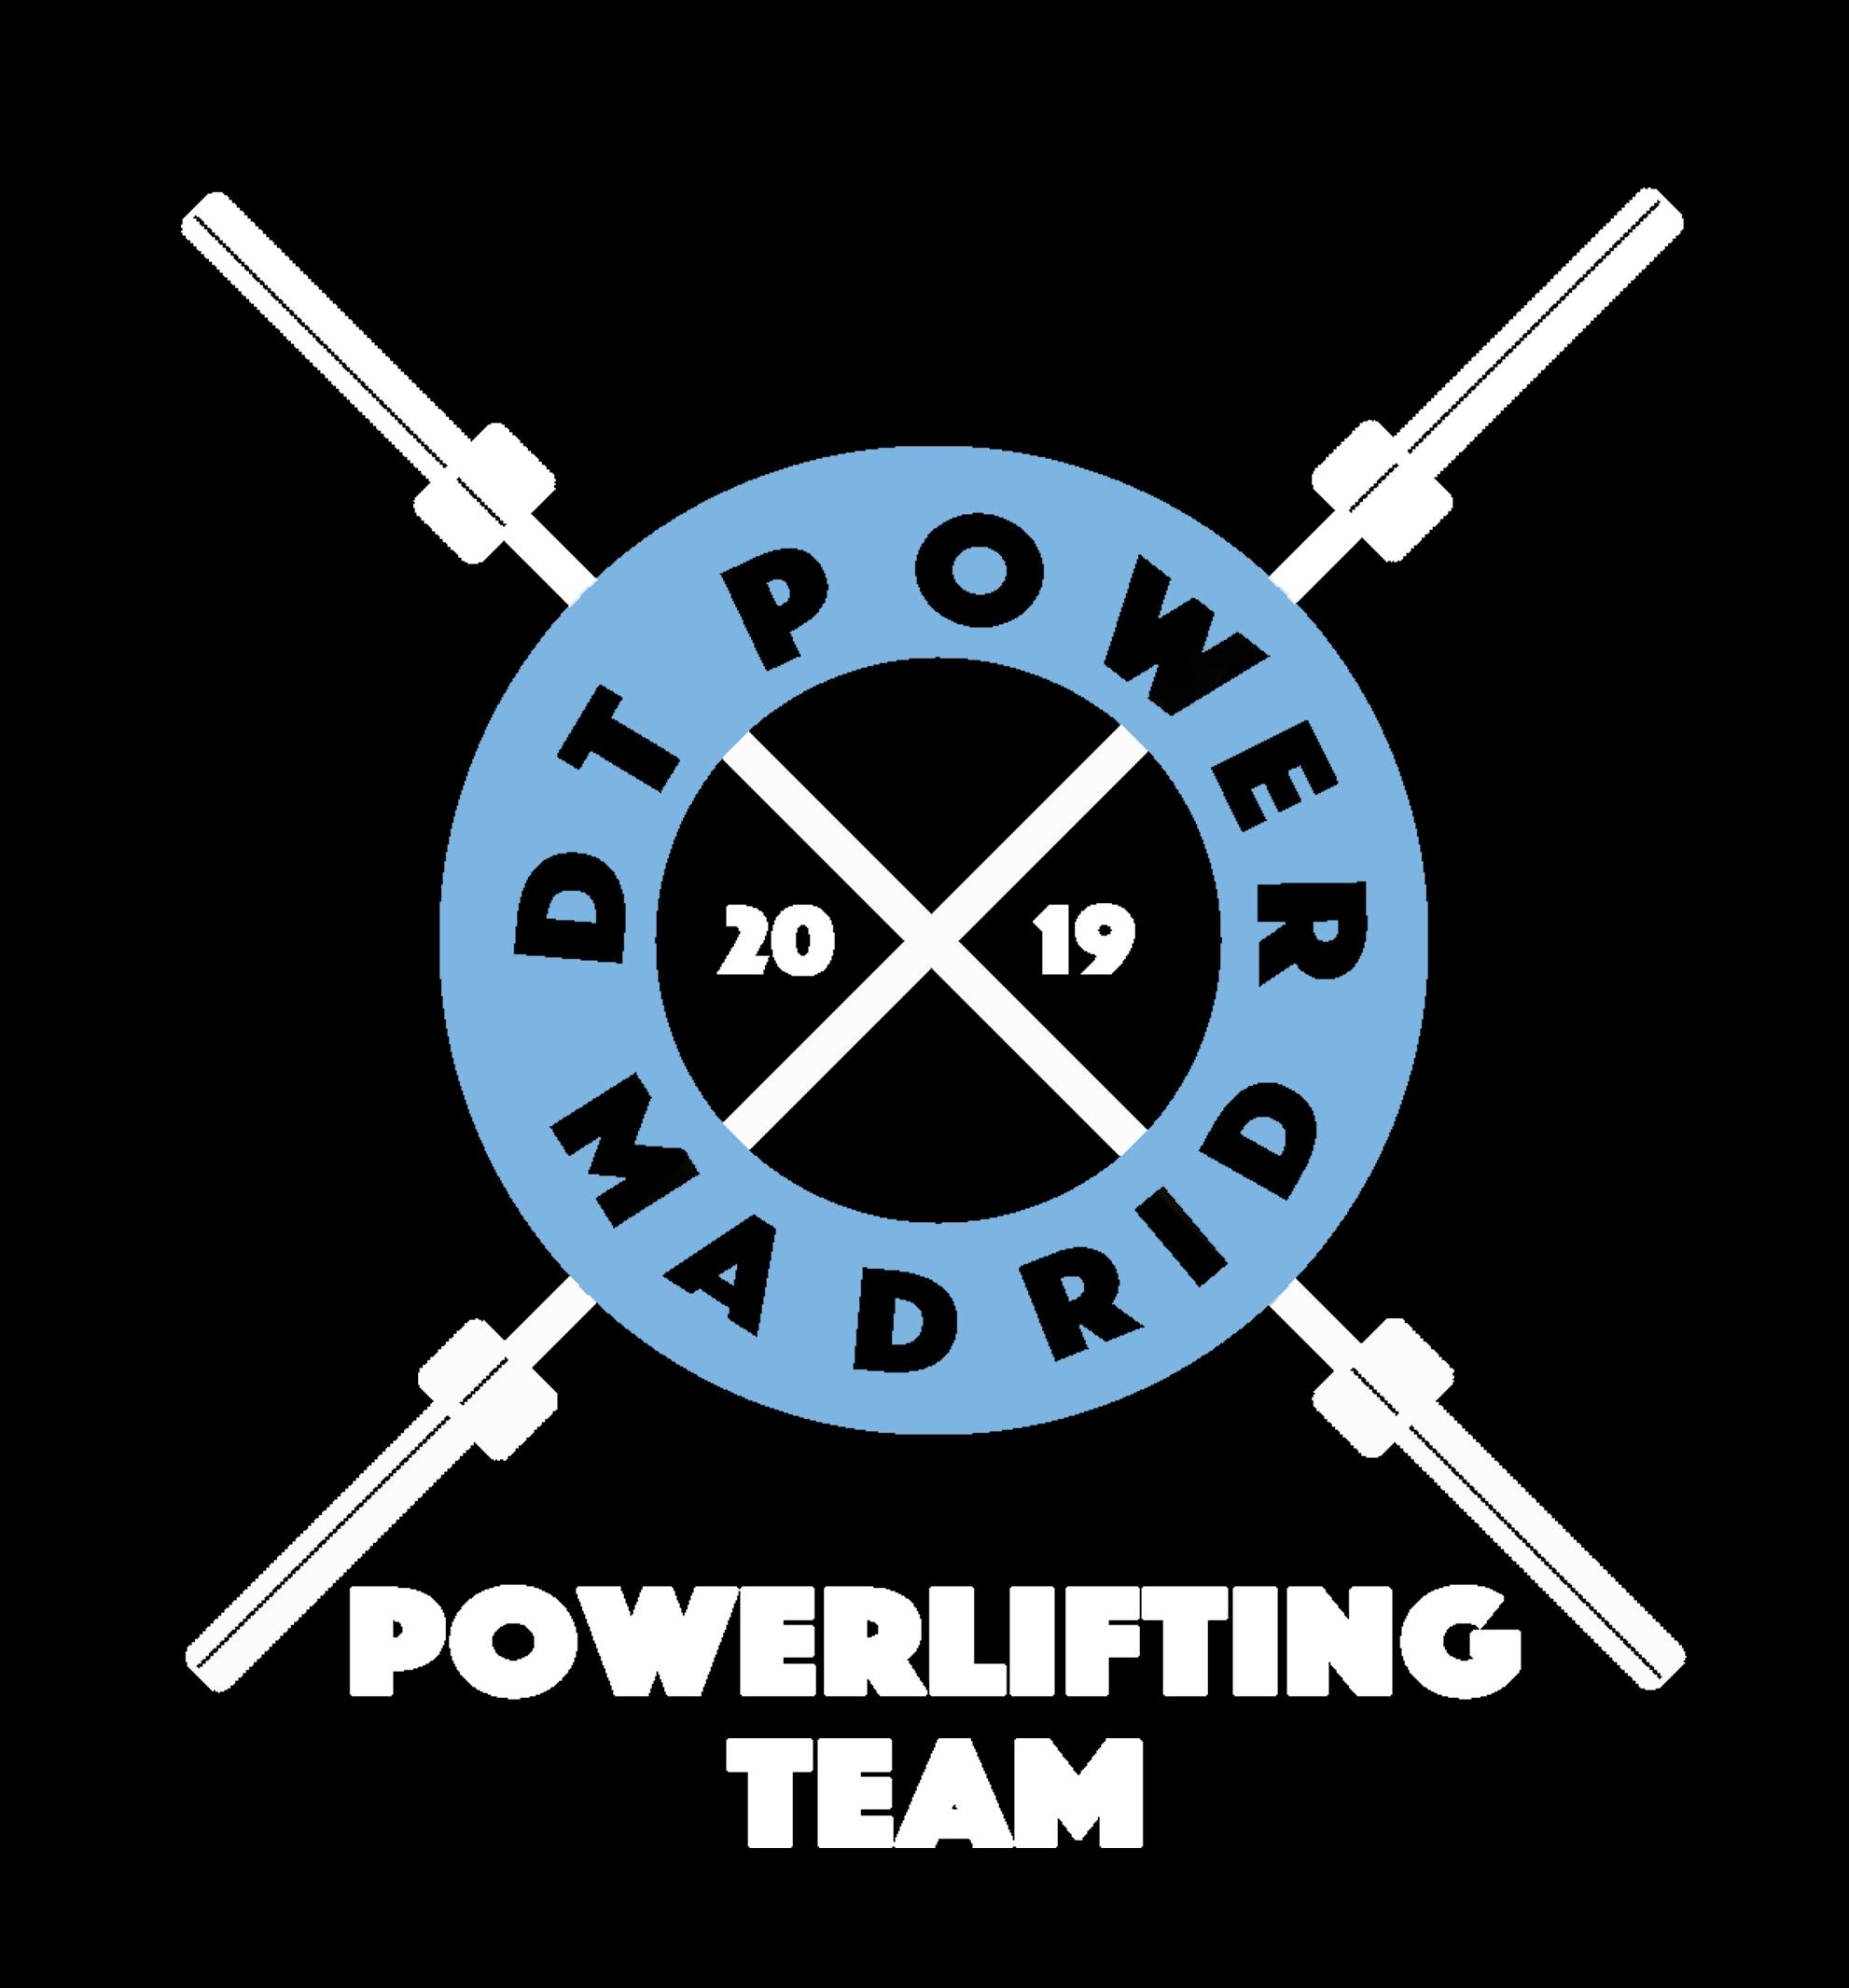 Logo DT POWER